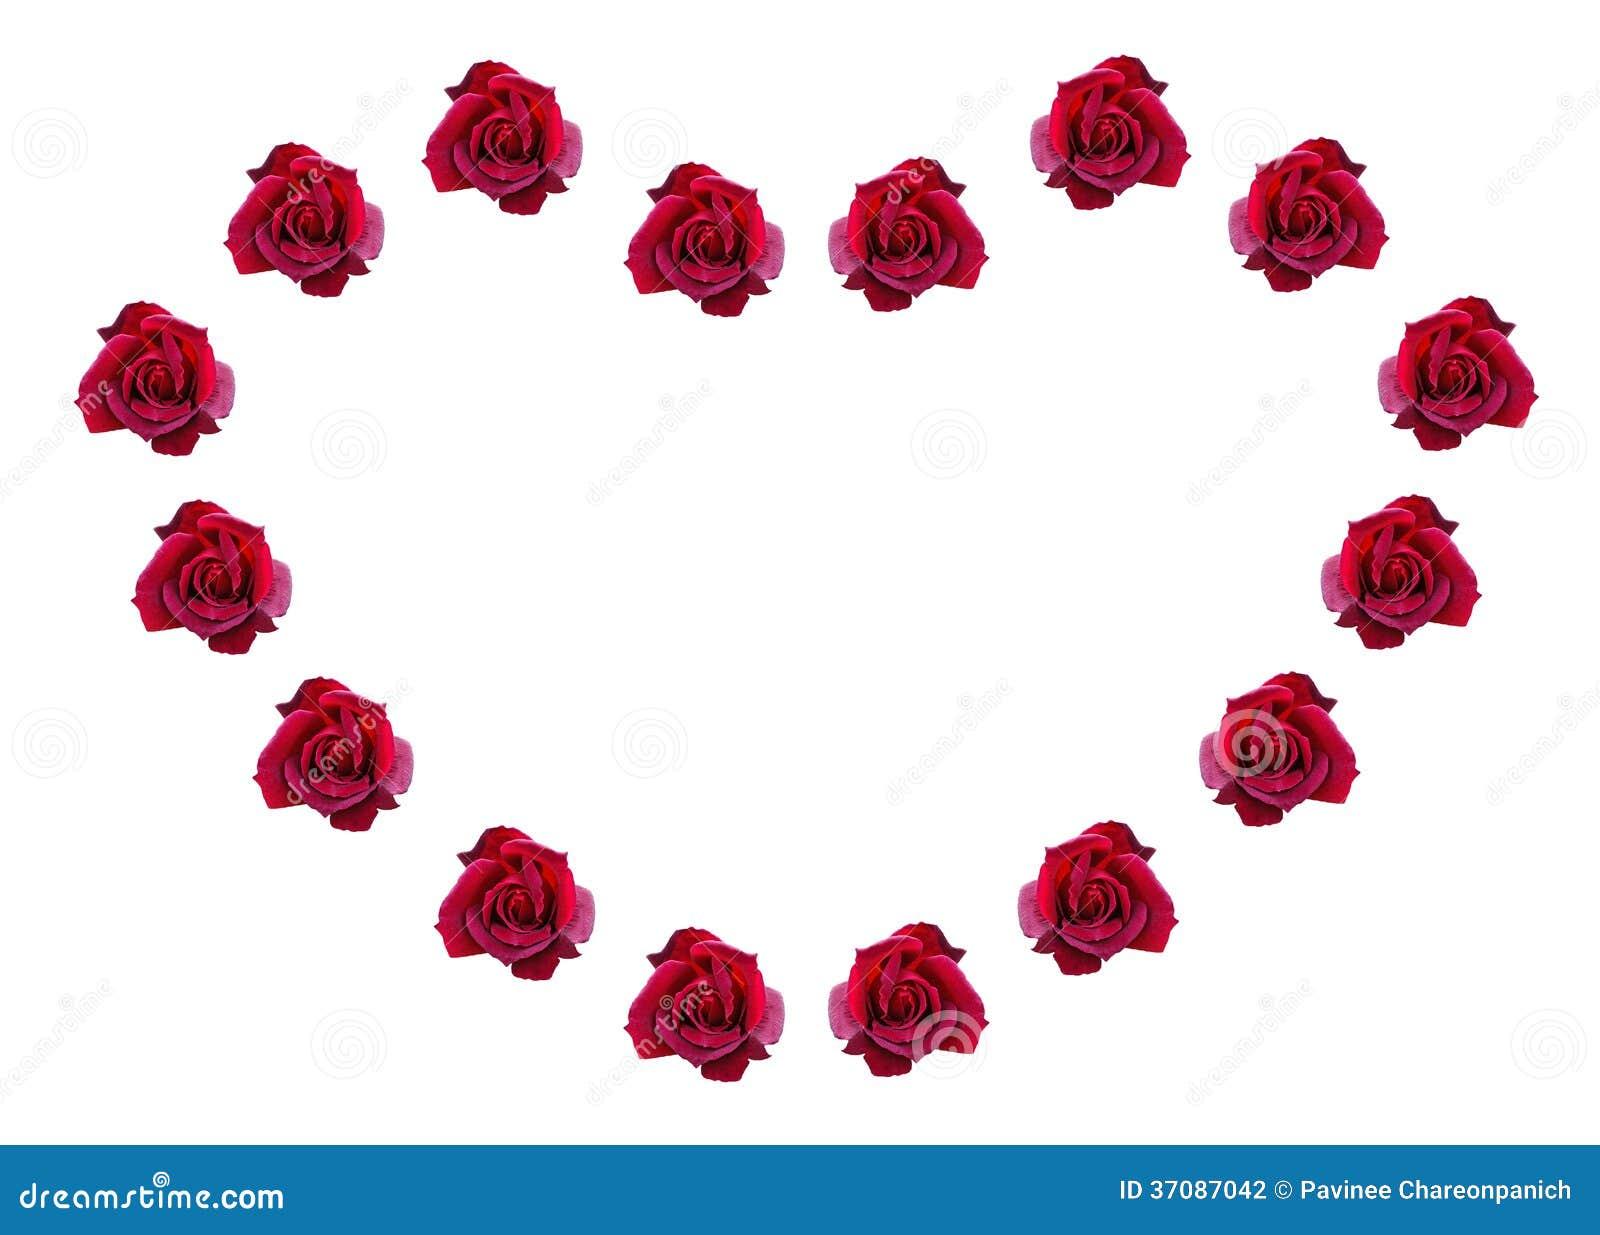 Download Czerwone Róże W Kształcie Serce. Zdjęcie Stock - Obraz złożonej z zbliżenie, kardamon: 37087042